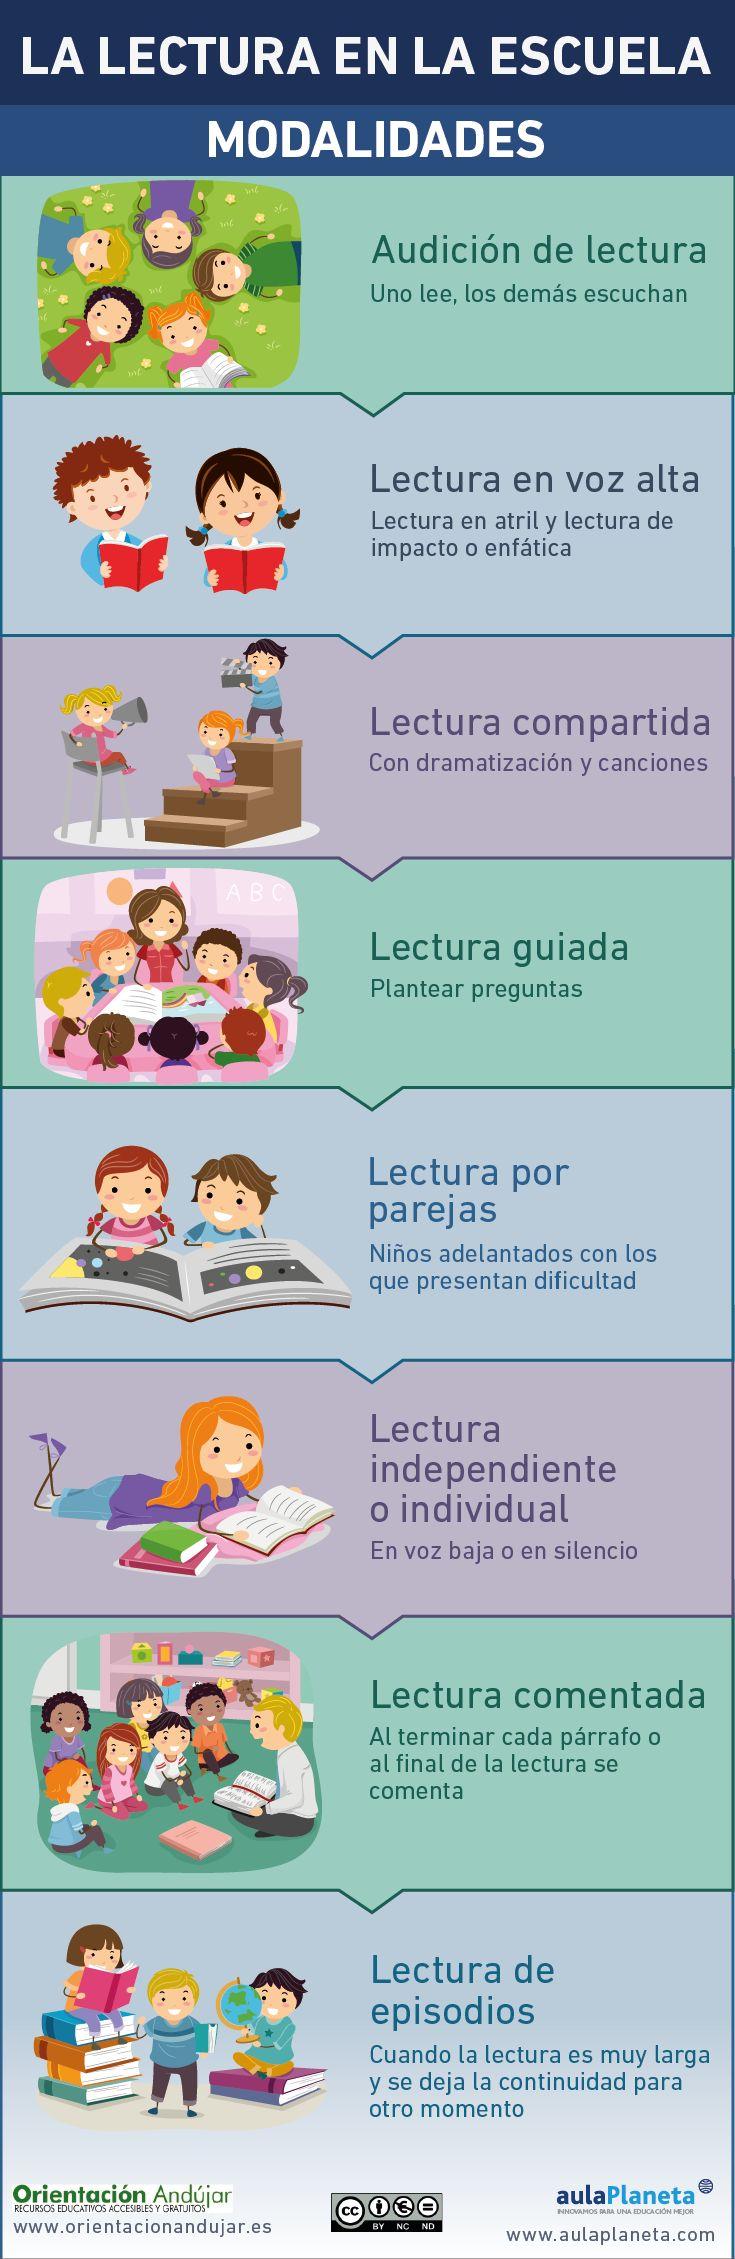 Infografía: Modalidades de lectura en la escuela